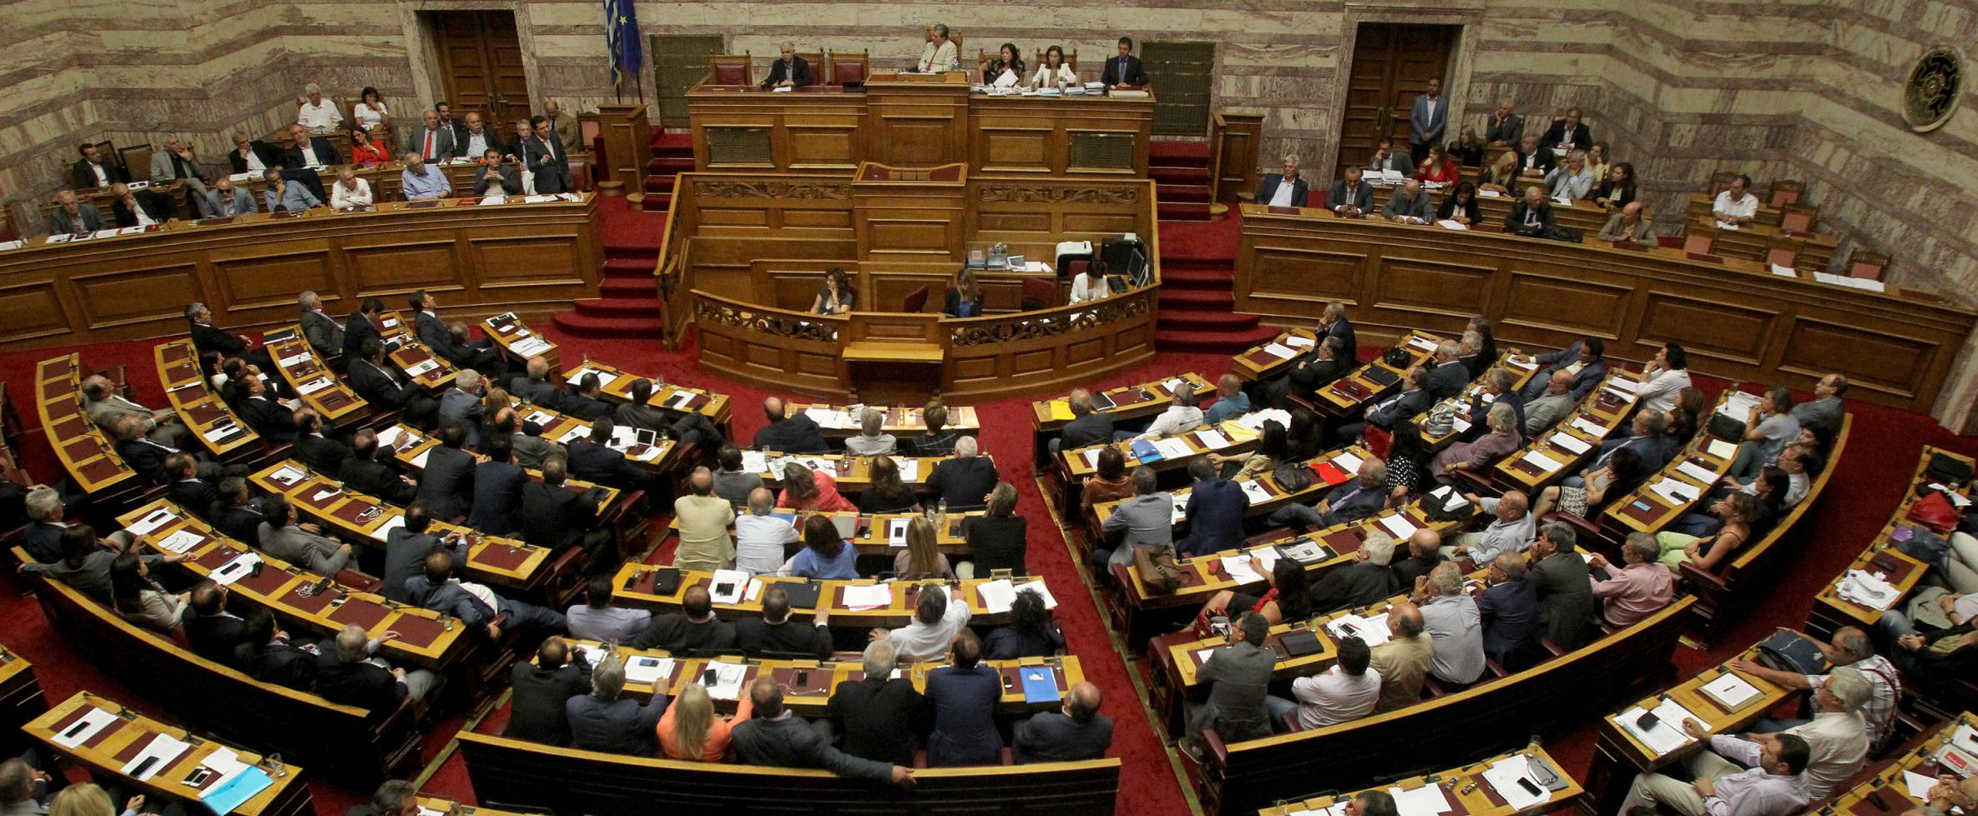 Il parlamento greco al voto radio24 for Rassegna stampa parlamento